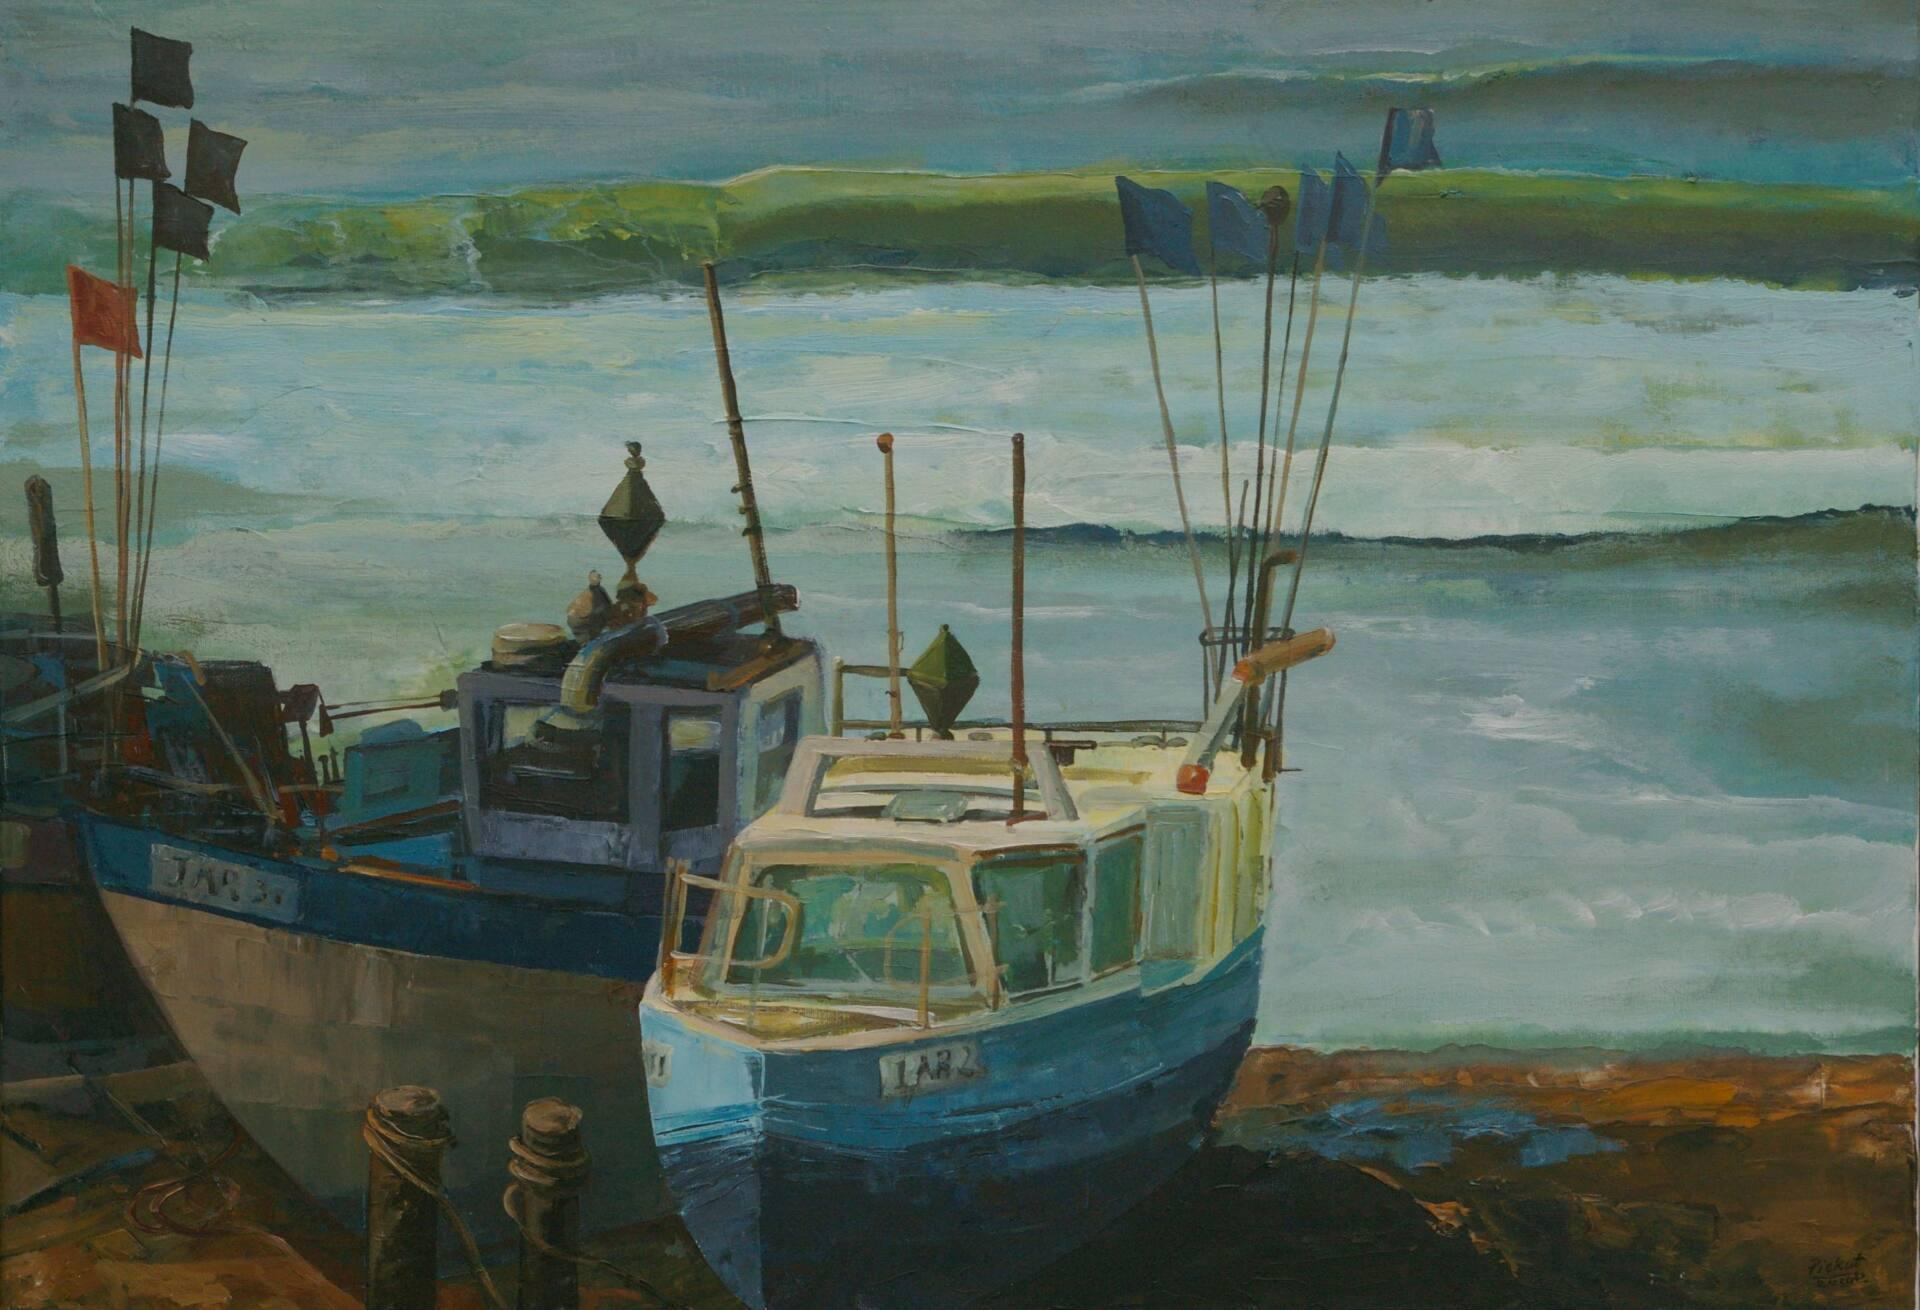 dariusz piekut nad morzem 2020 r akryl plotno 70x100 cm Obrazy Dariusza Piekuta będą prezentowane na Biennale Malarstwa w Gdyni.